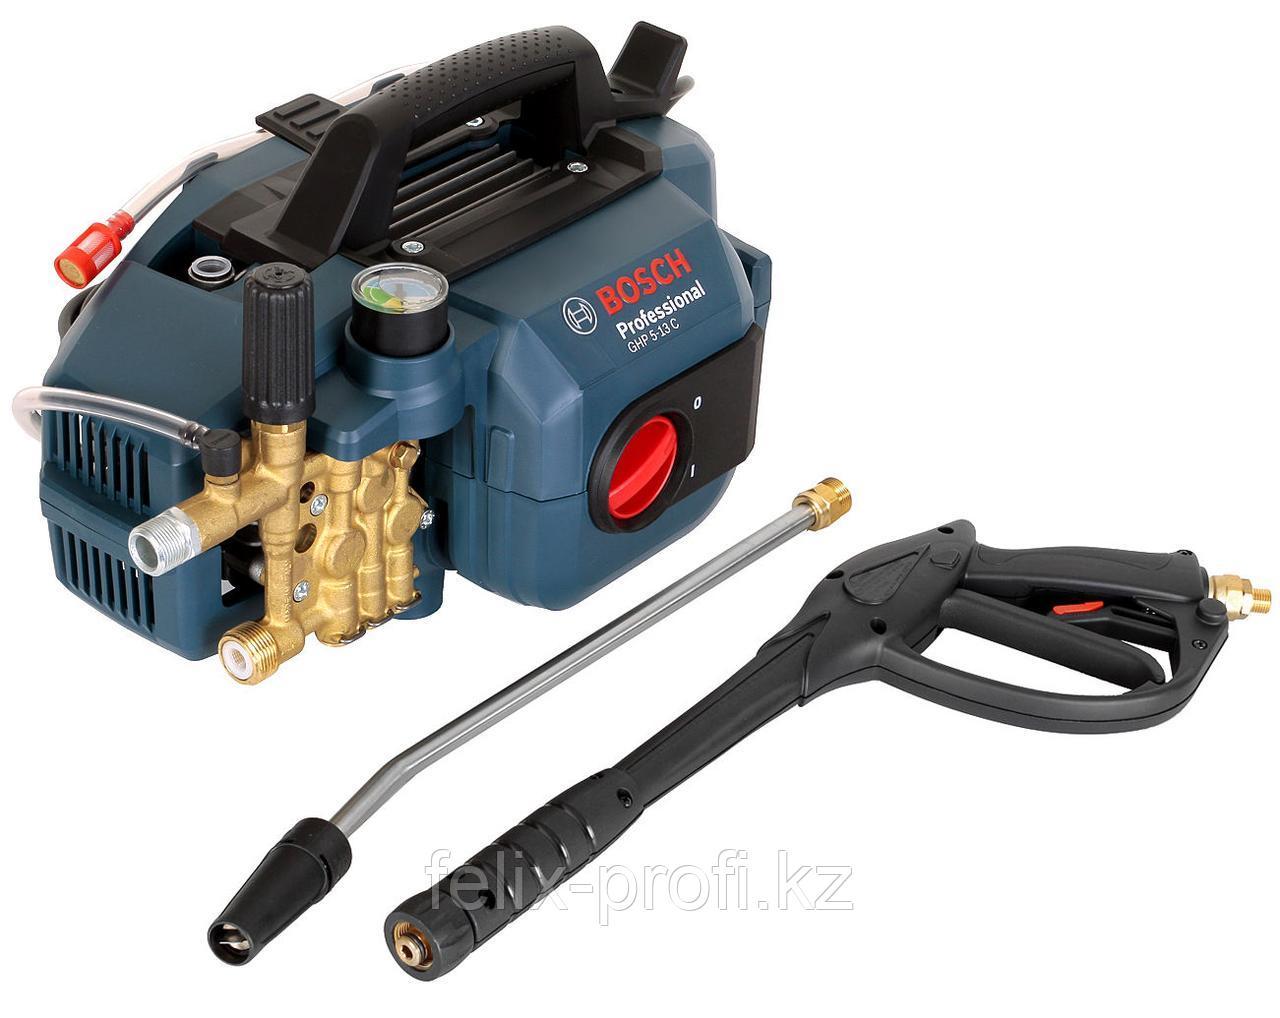 Очиститель-мойка высокого давления Bosch GHP 5-13 C